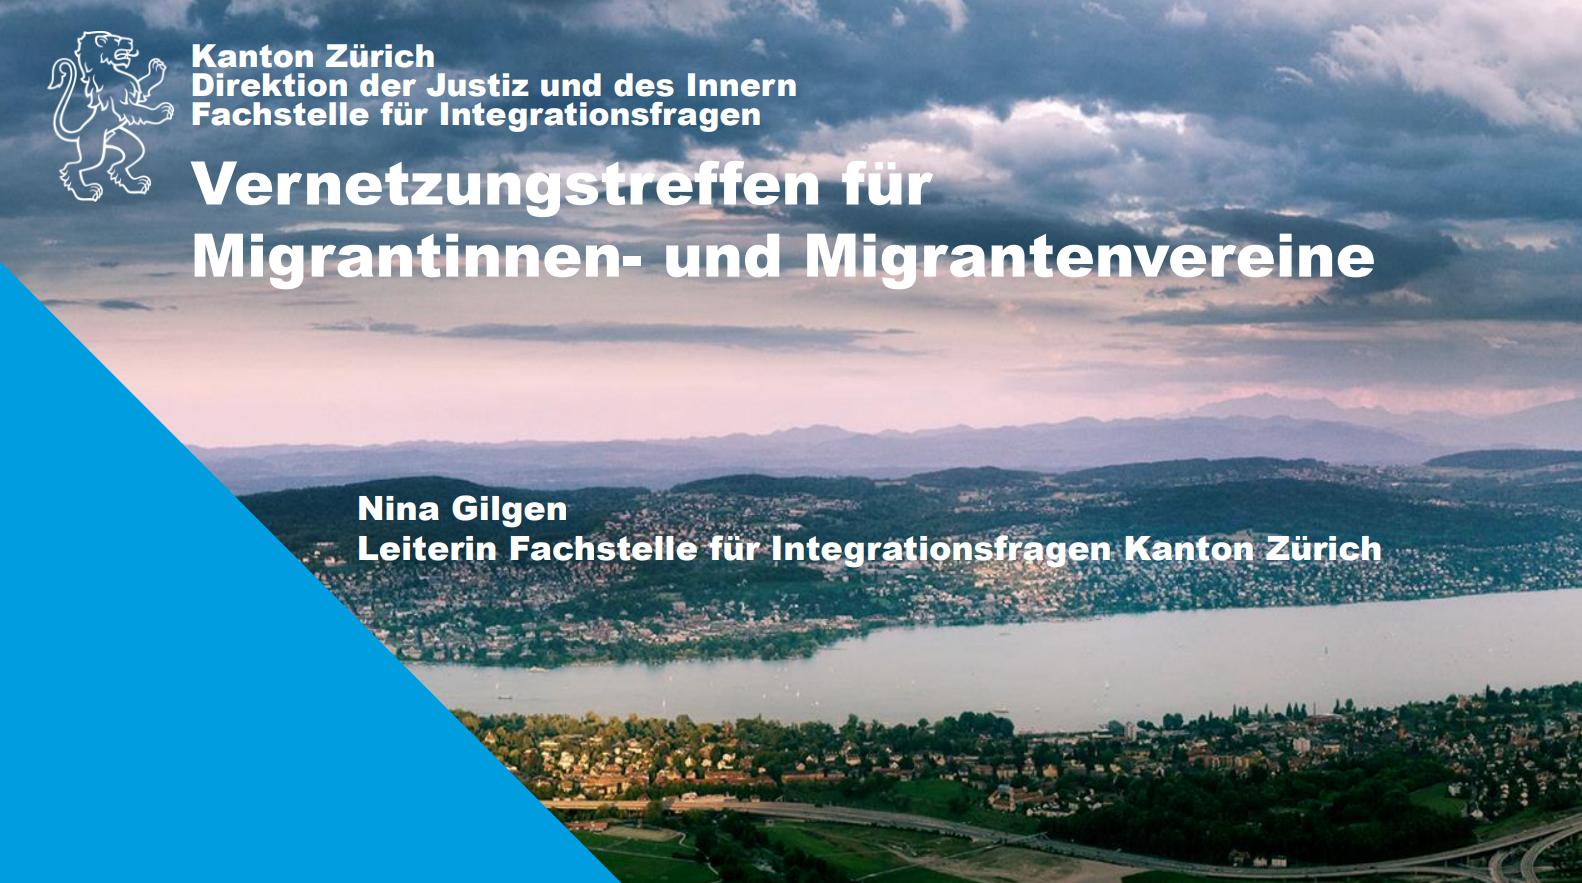 Treffen Migrantenvereine – UMMAH war dabei!